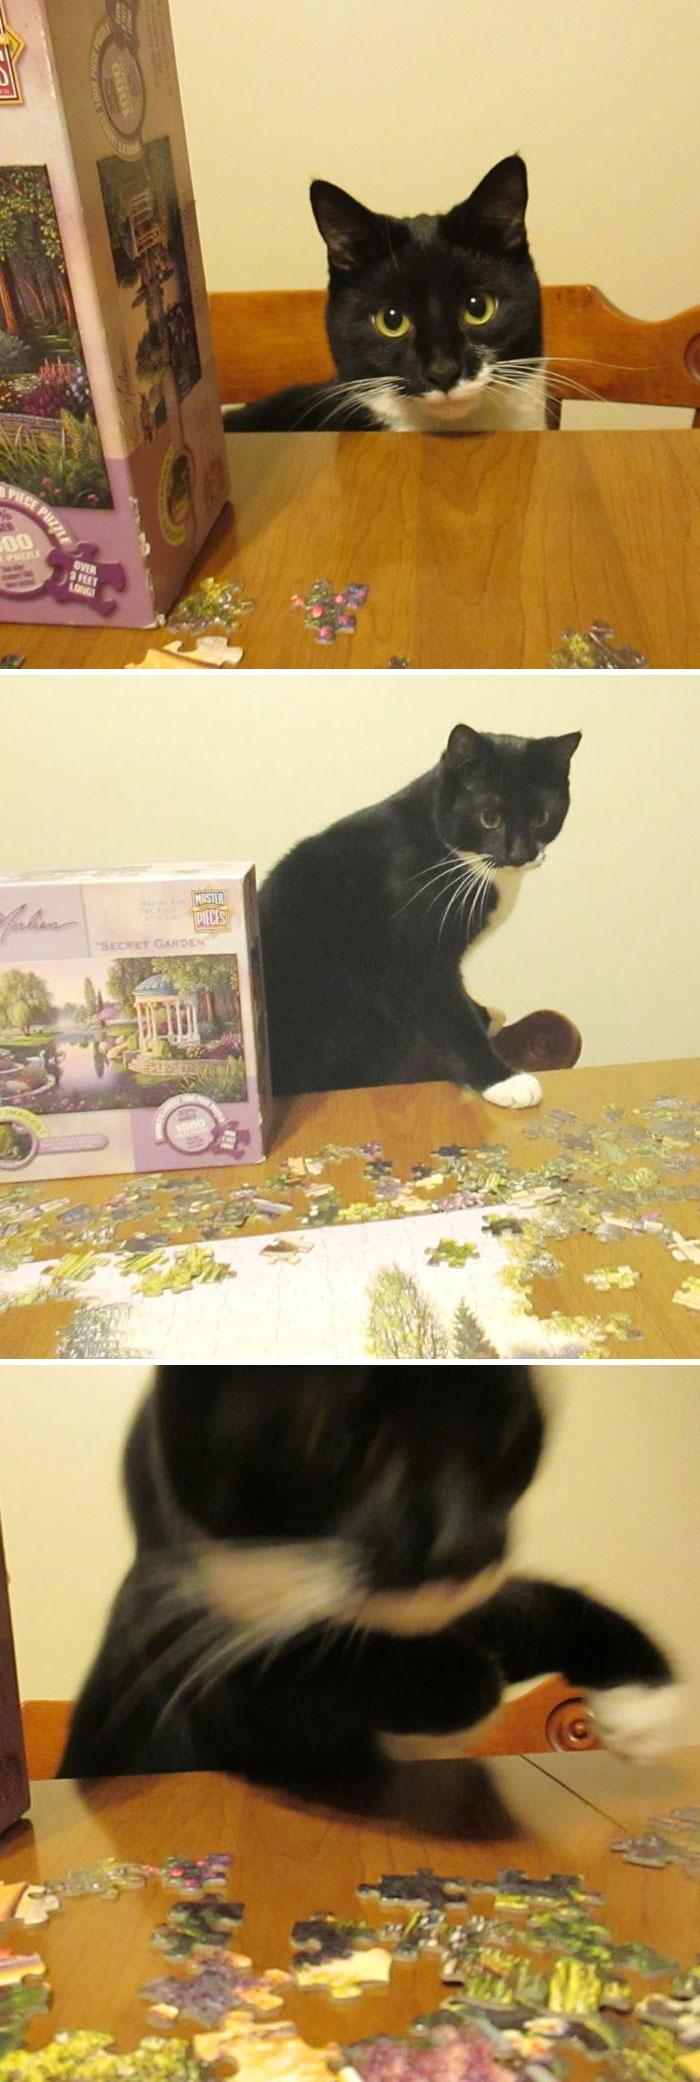 Cat Versus Puzzle